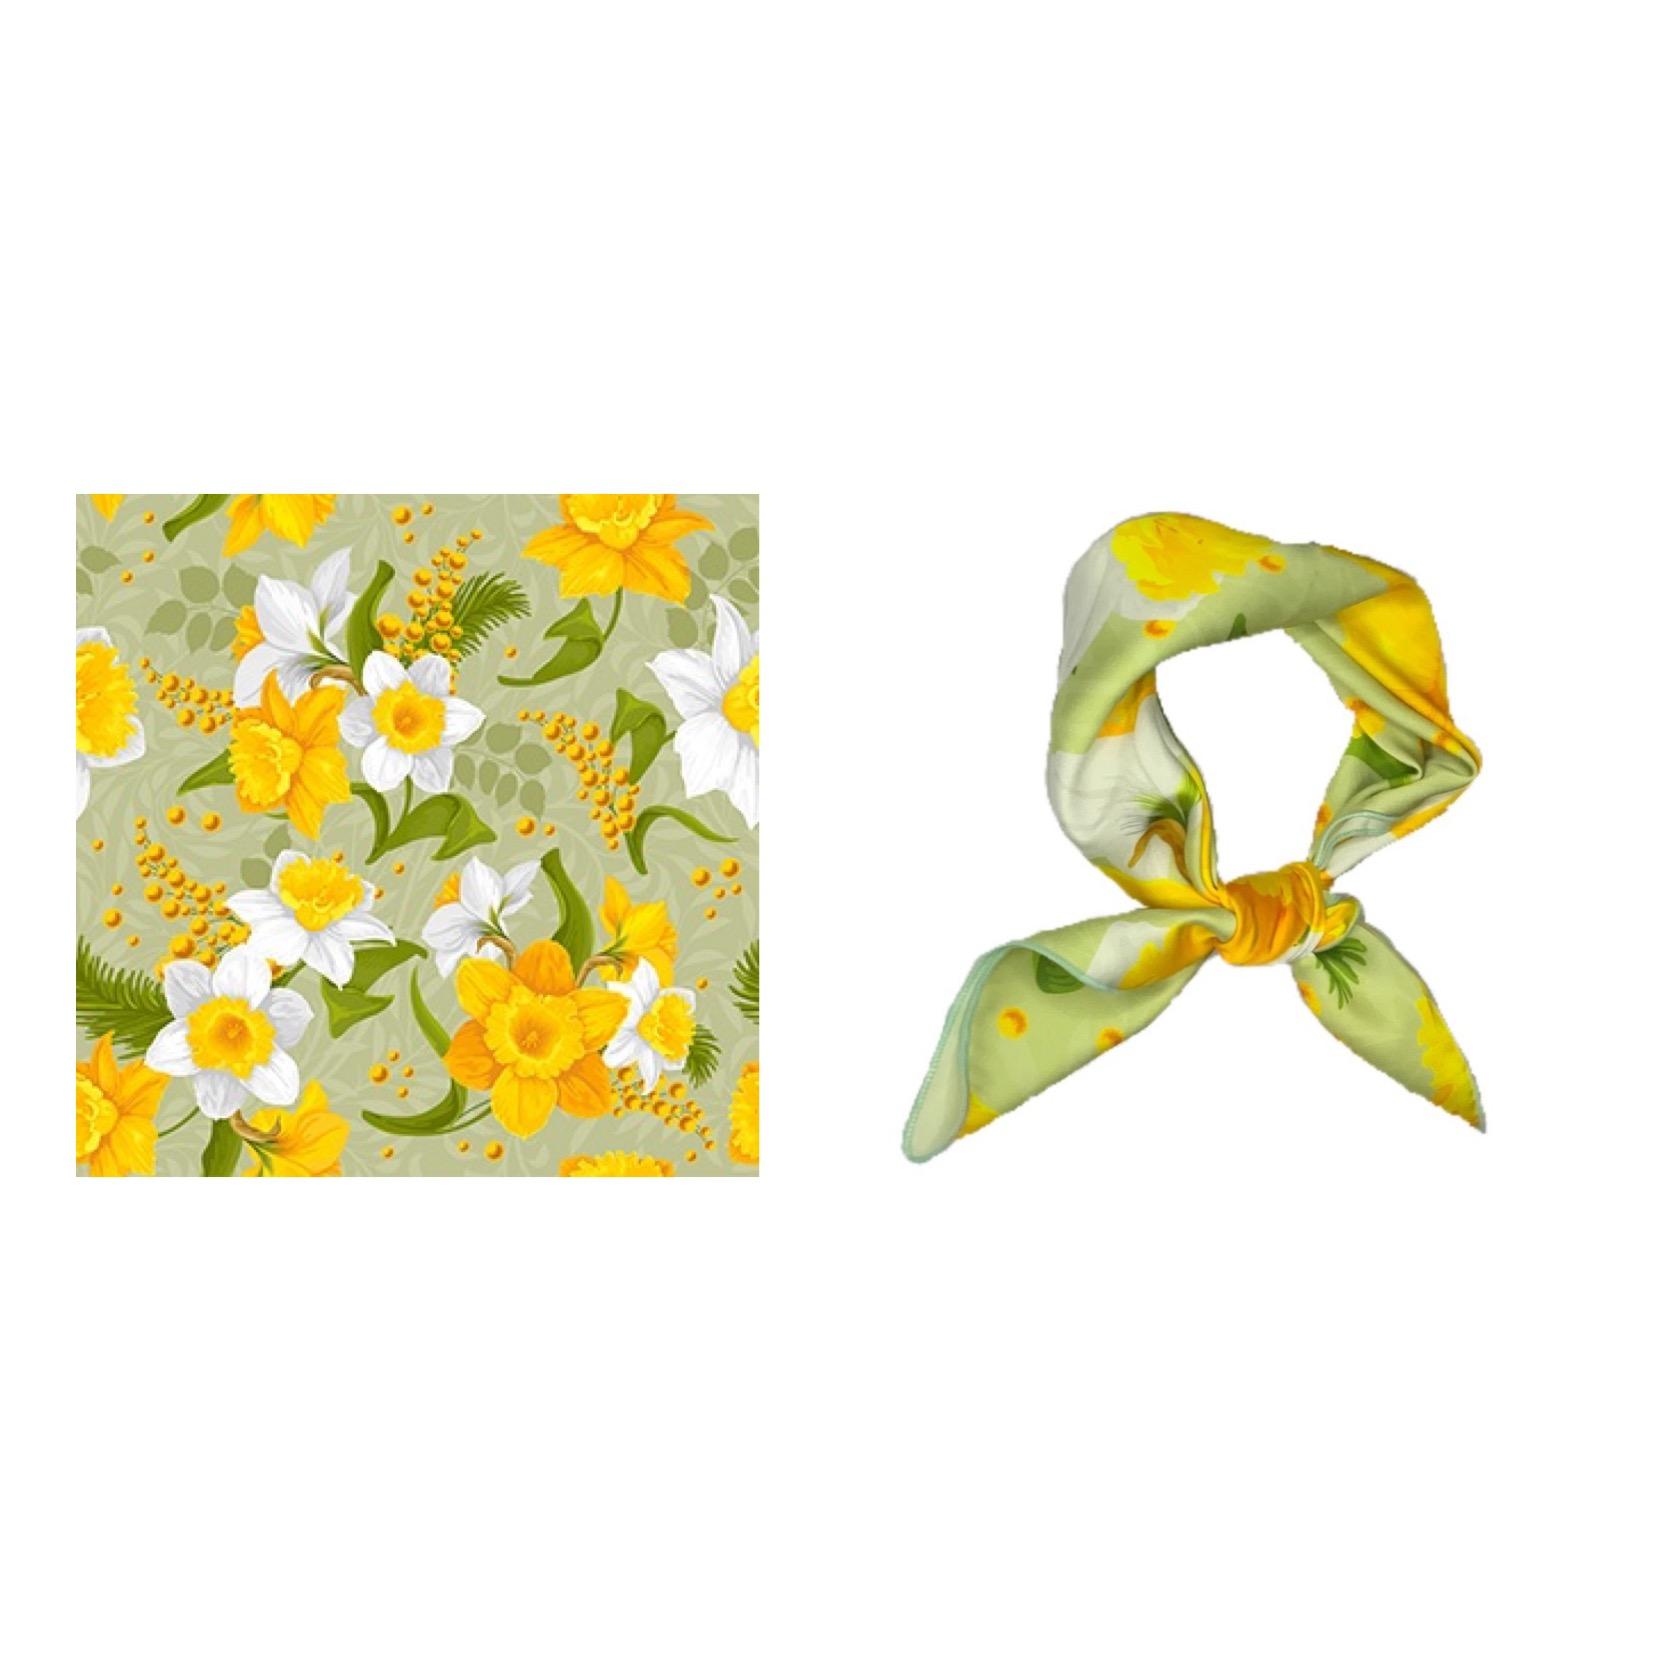 法式夏天里的小黄花Flora复古印花韩版方巾丝巾温柔装饰发带领巾